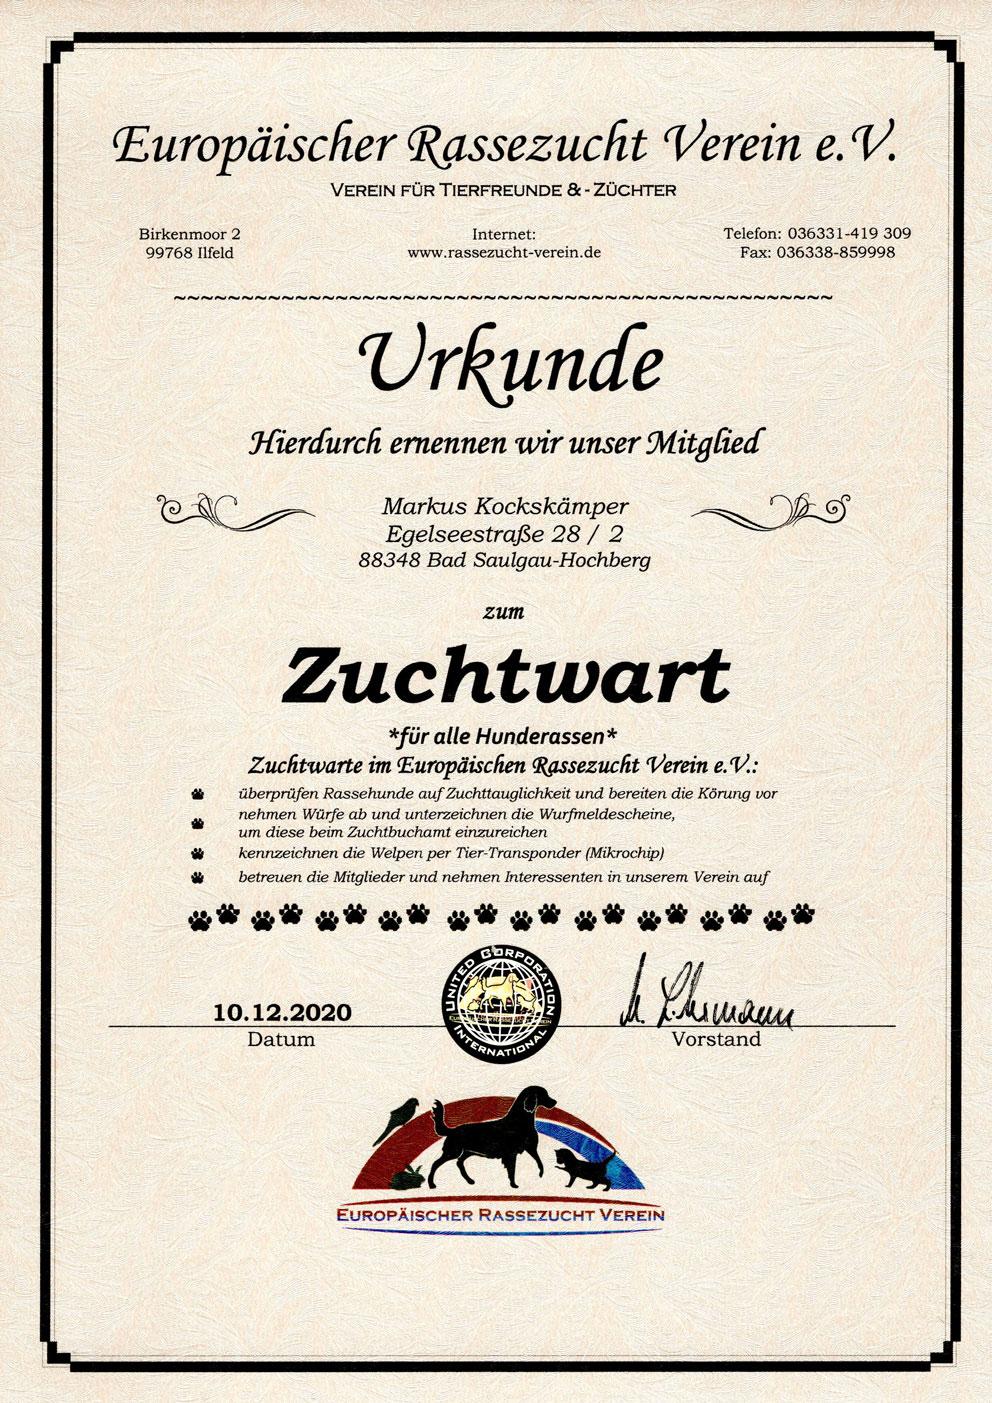 Europaeischer-Rassezucht-Verein_Zuchtwart-Urkunde_Labradorzucht-vom-Egelsee_72dpi.jpg